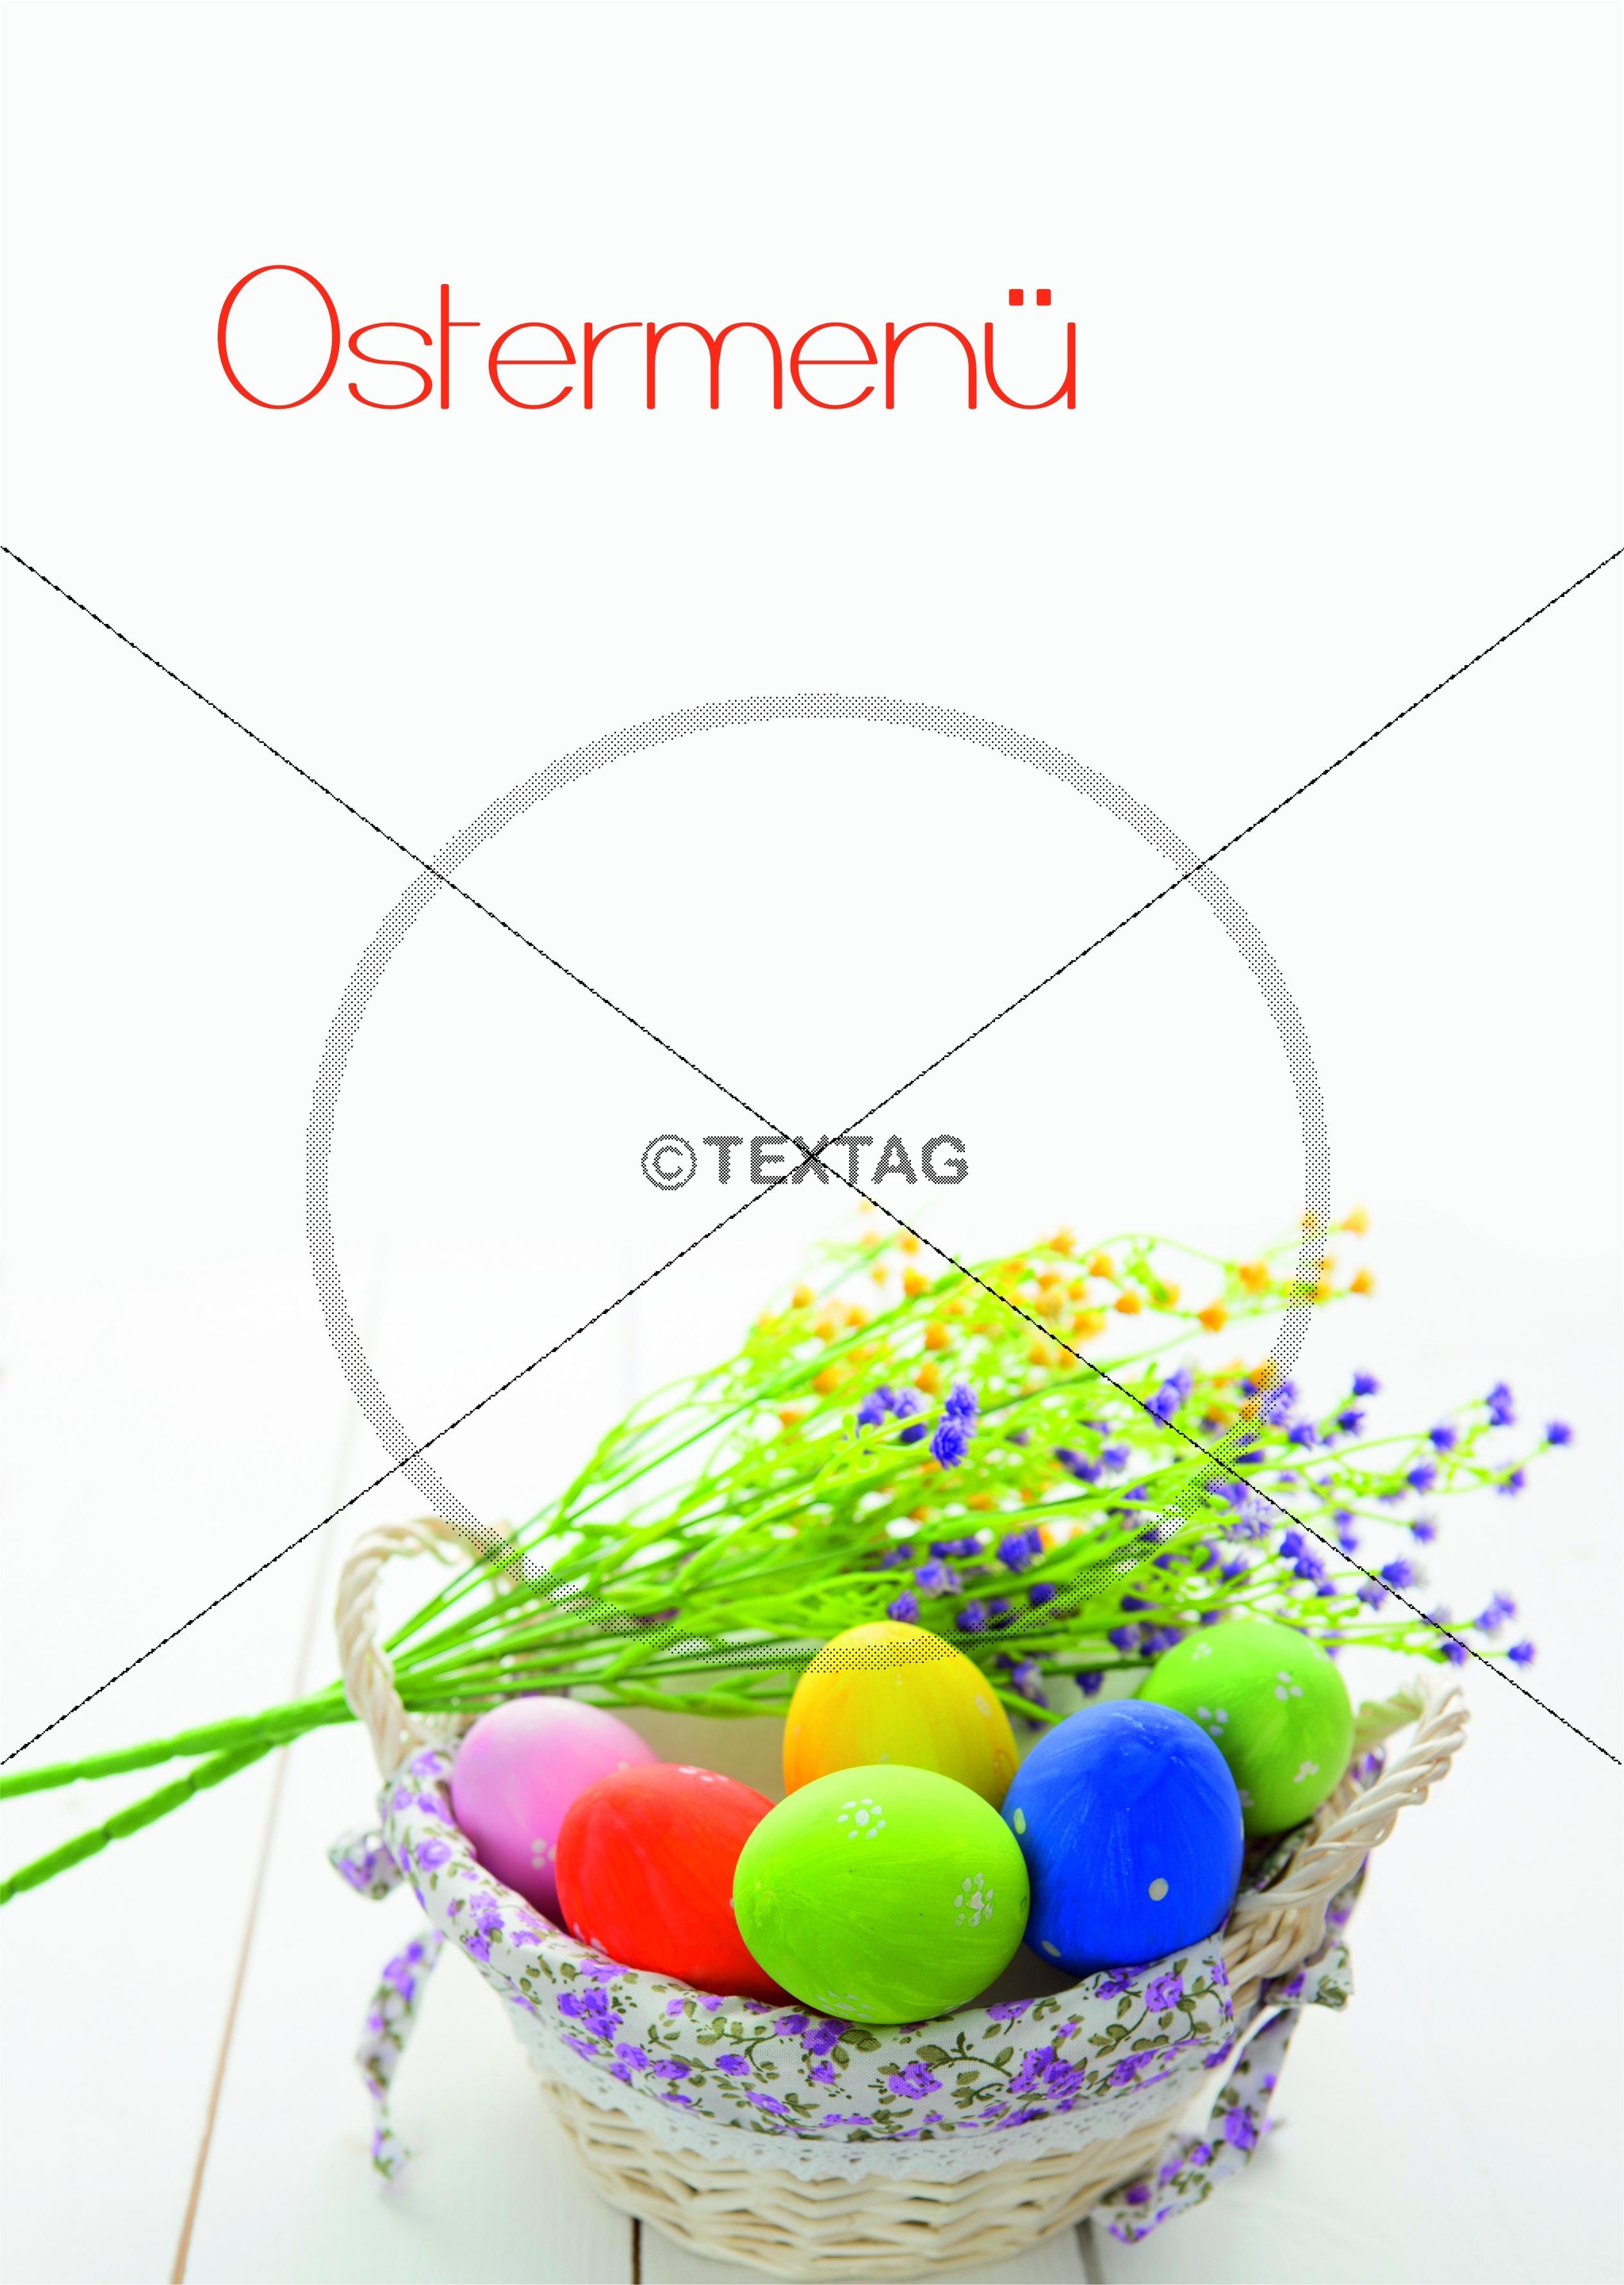 design vorlage f252r speisekarten deckblatt ostermen252 din a4